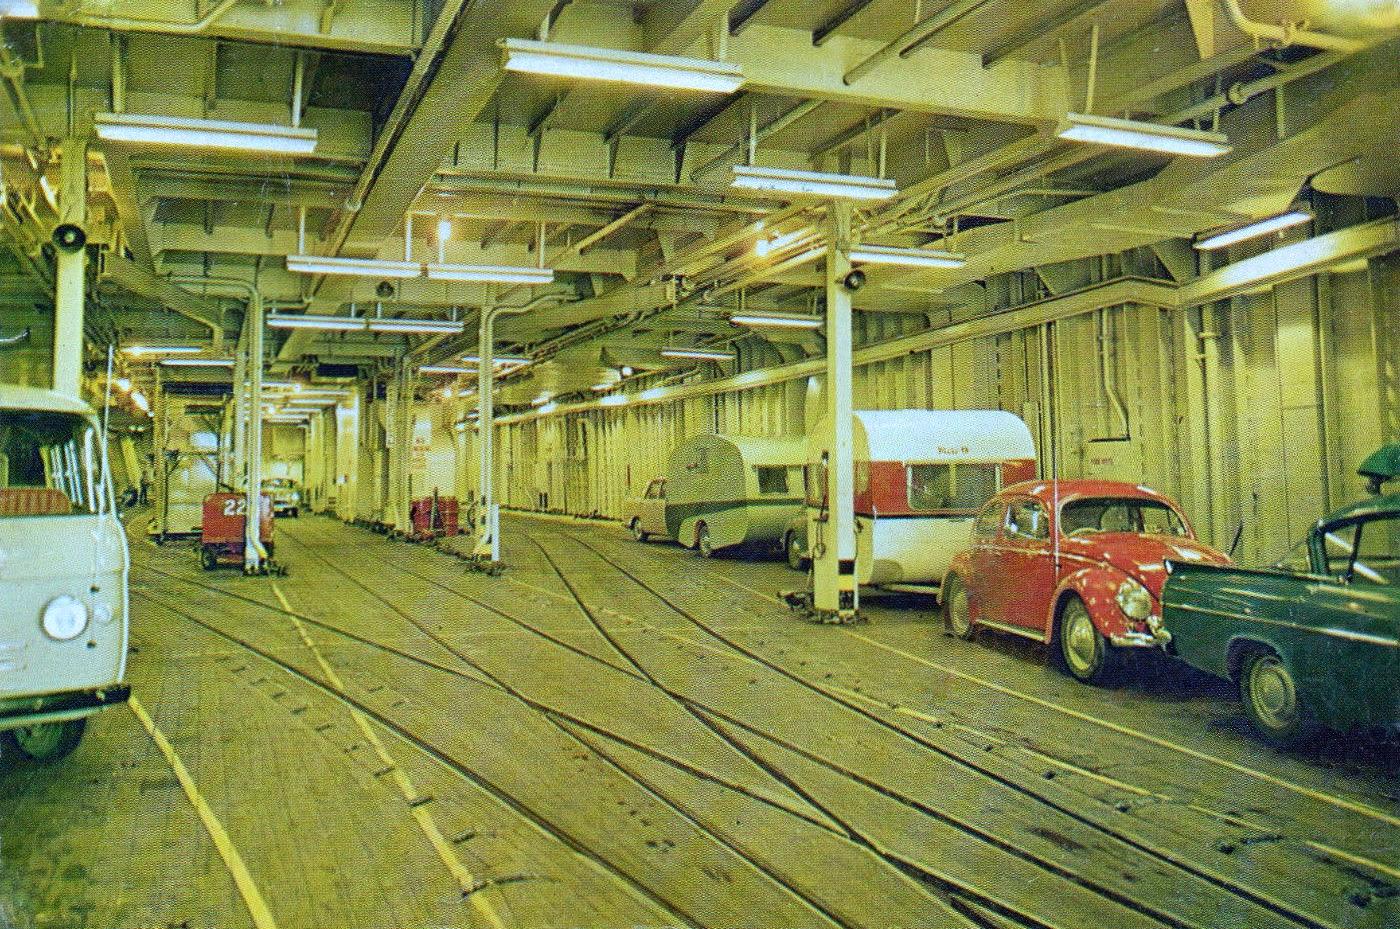 Interior hold of the GMV Aramoana